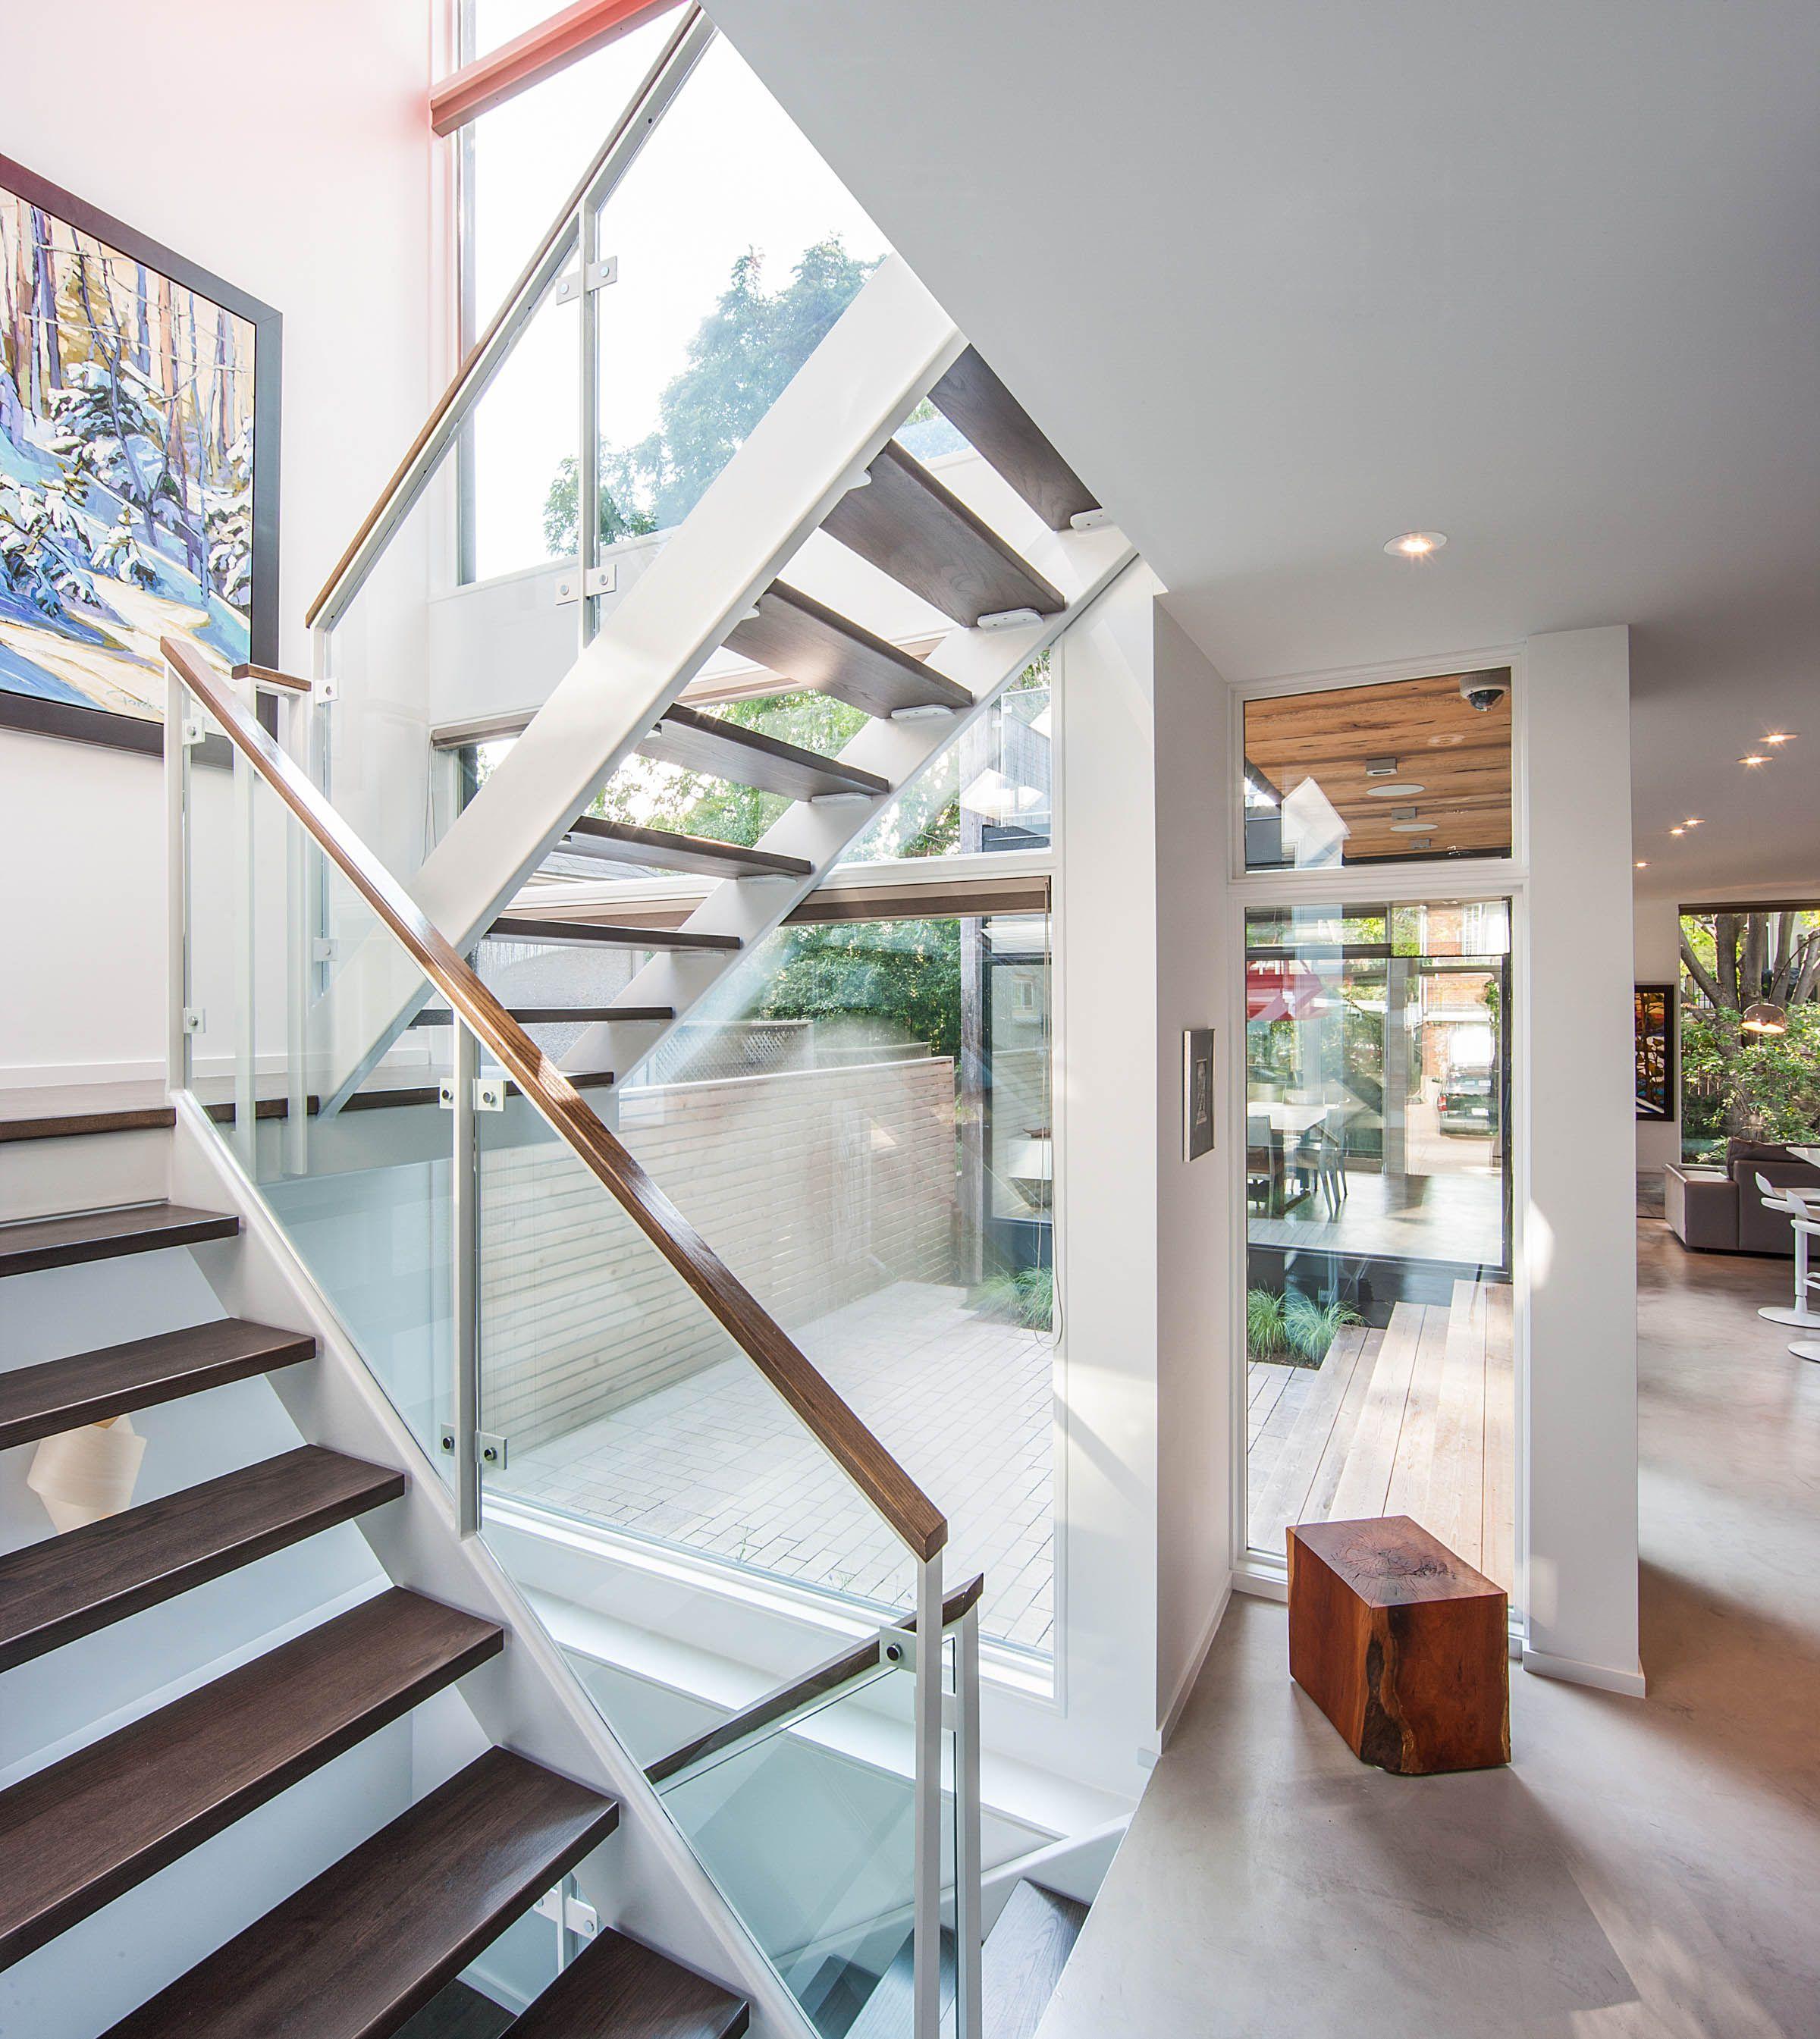 Escaleras vidriadas buscar con google escaleras for Escaleras casas modernas